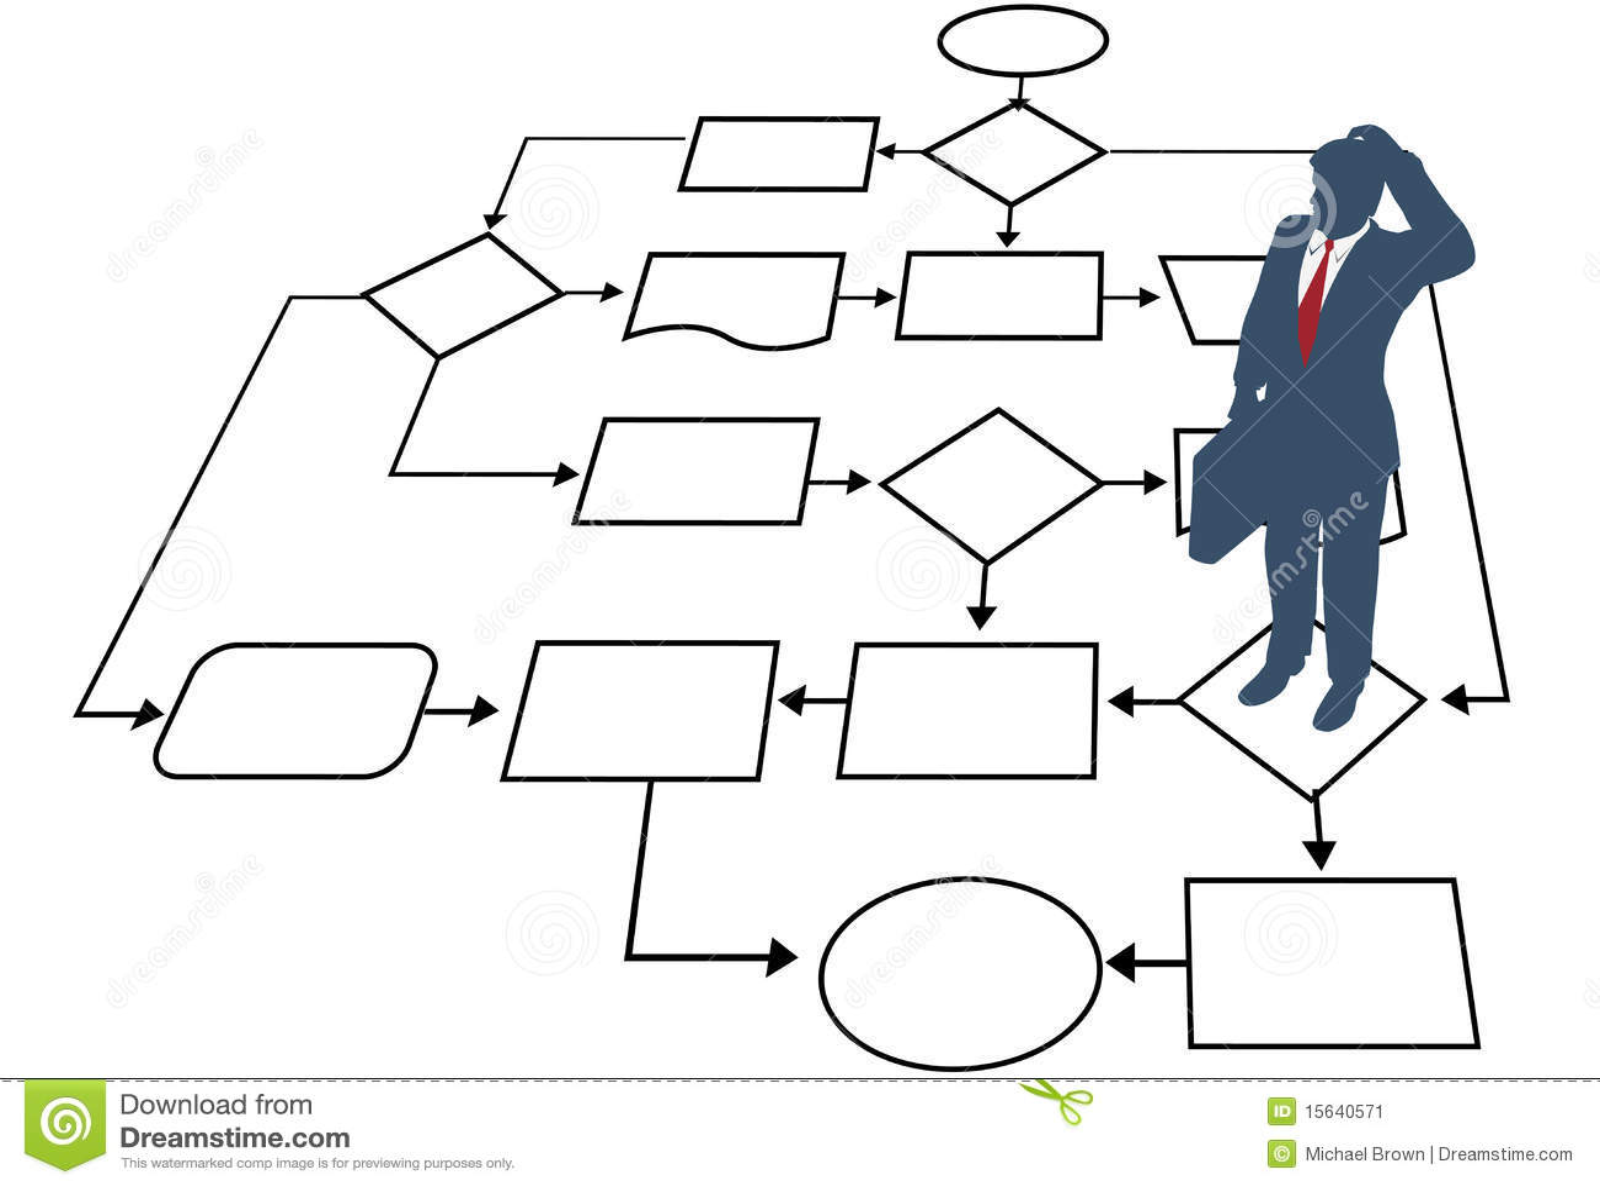 confusing process flow diagram ducar 110cc quad wiring business man decision management flowchart stock